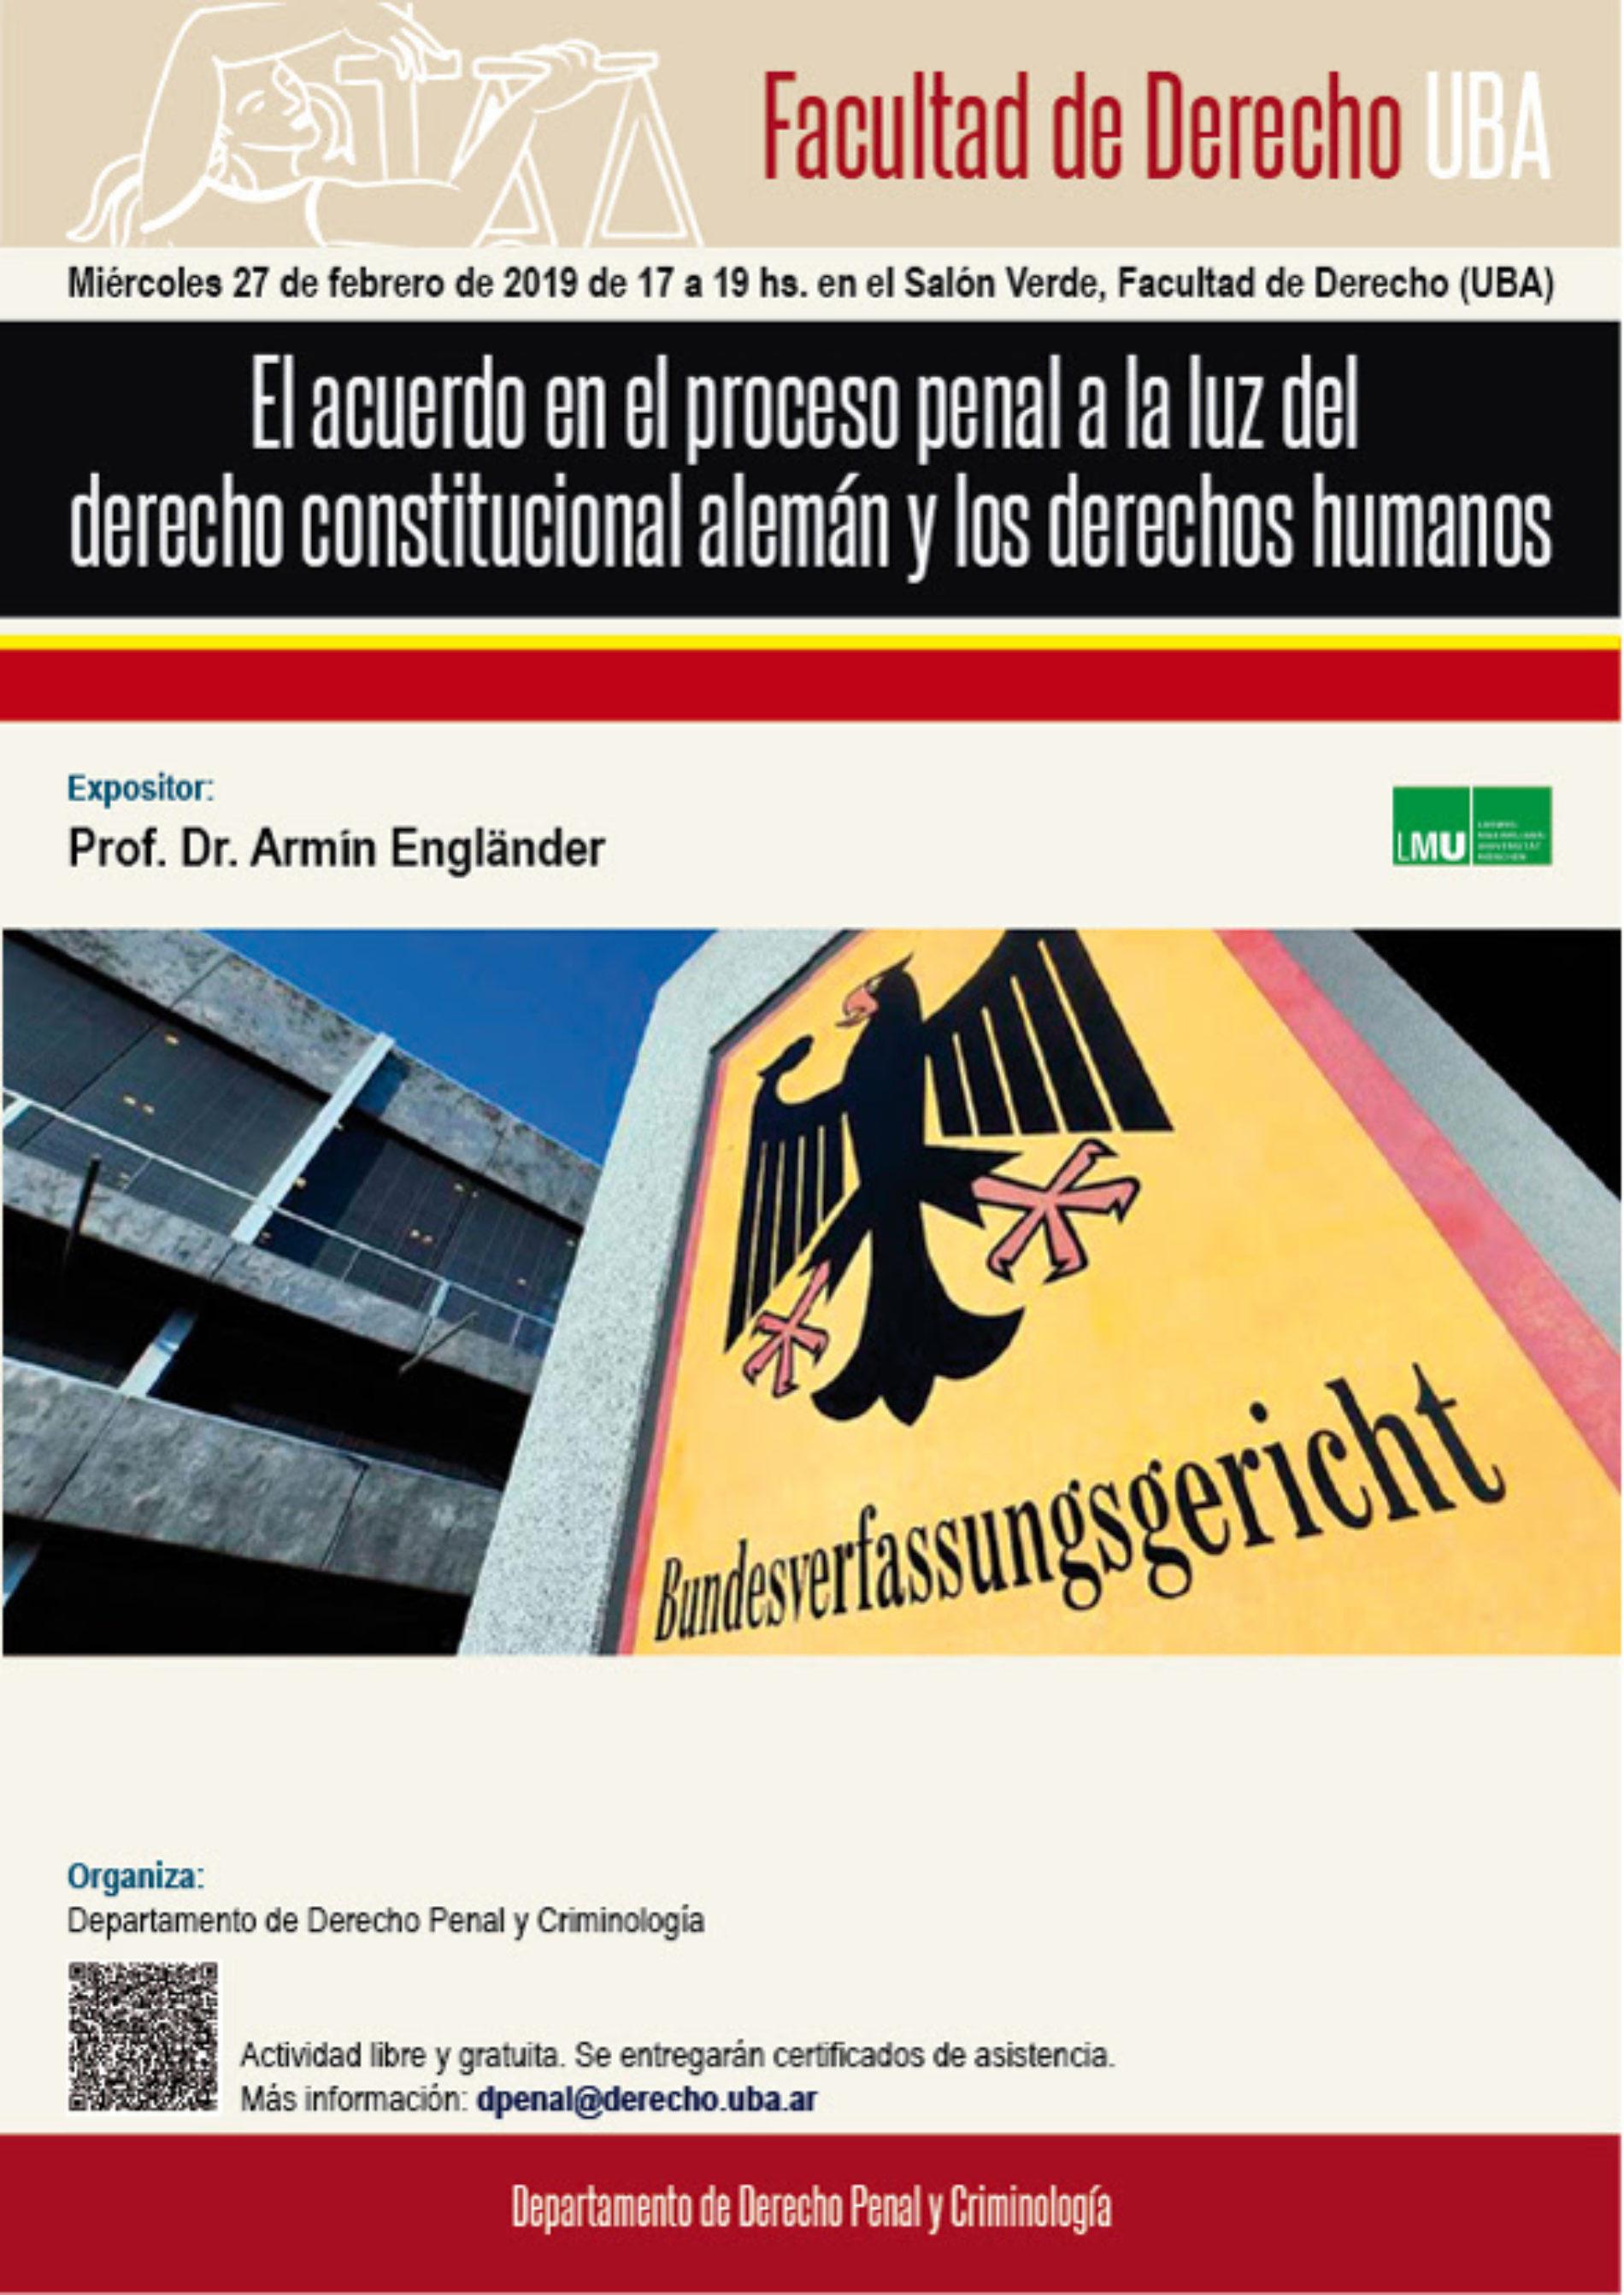 «El acuerdo en el proceso penal a la luz del derecho constitucional alemán y los derechos humanos»